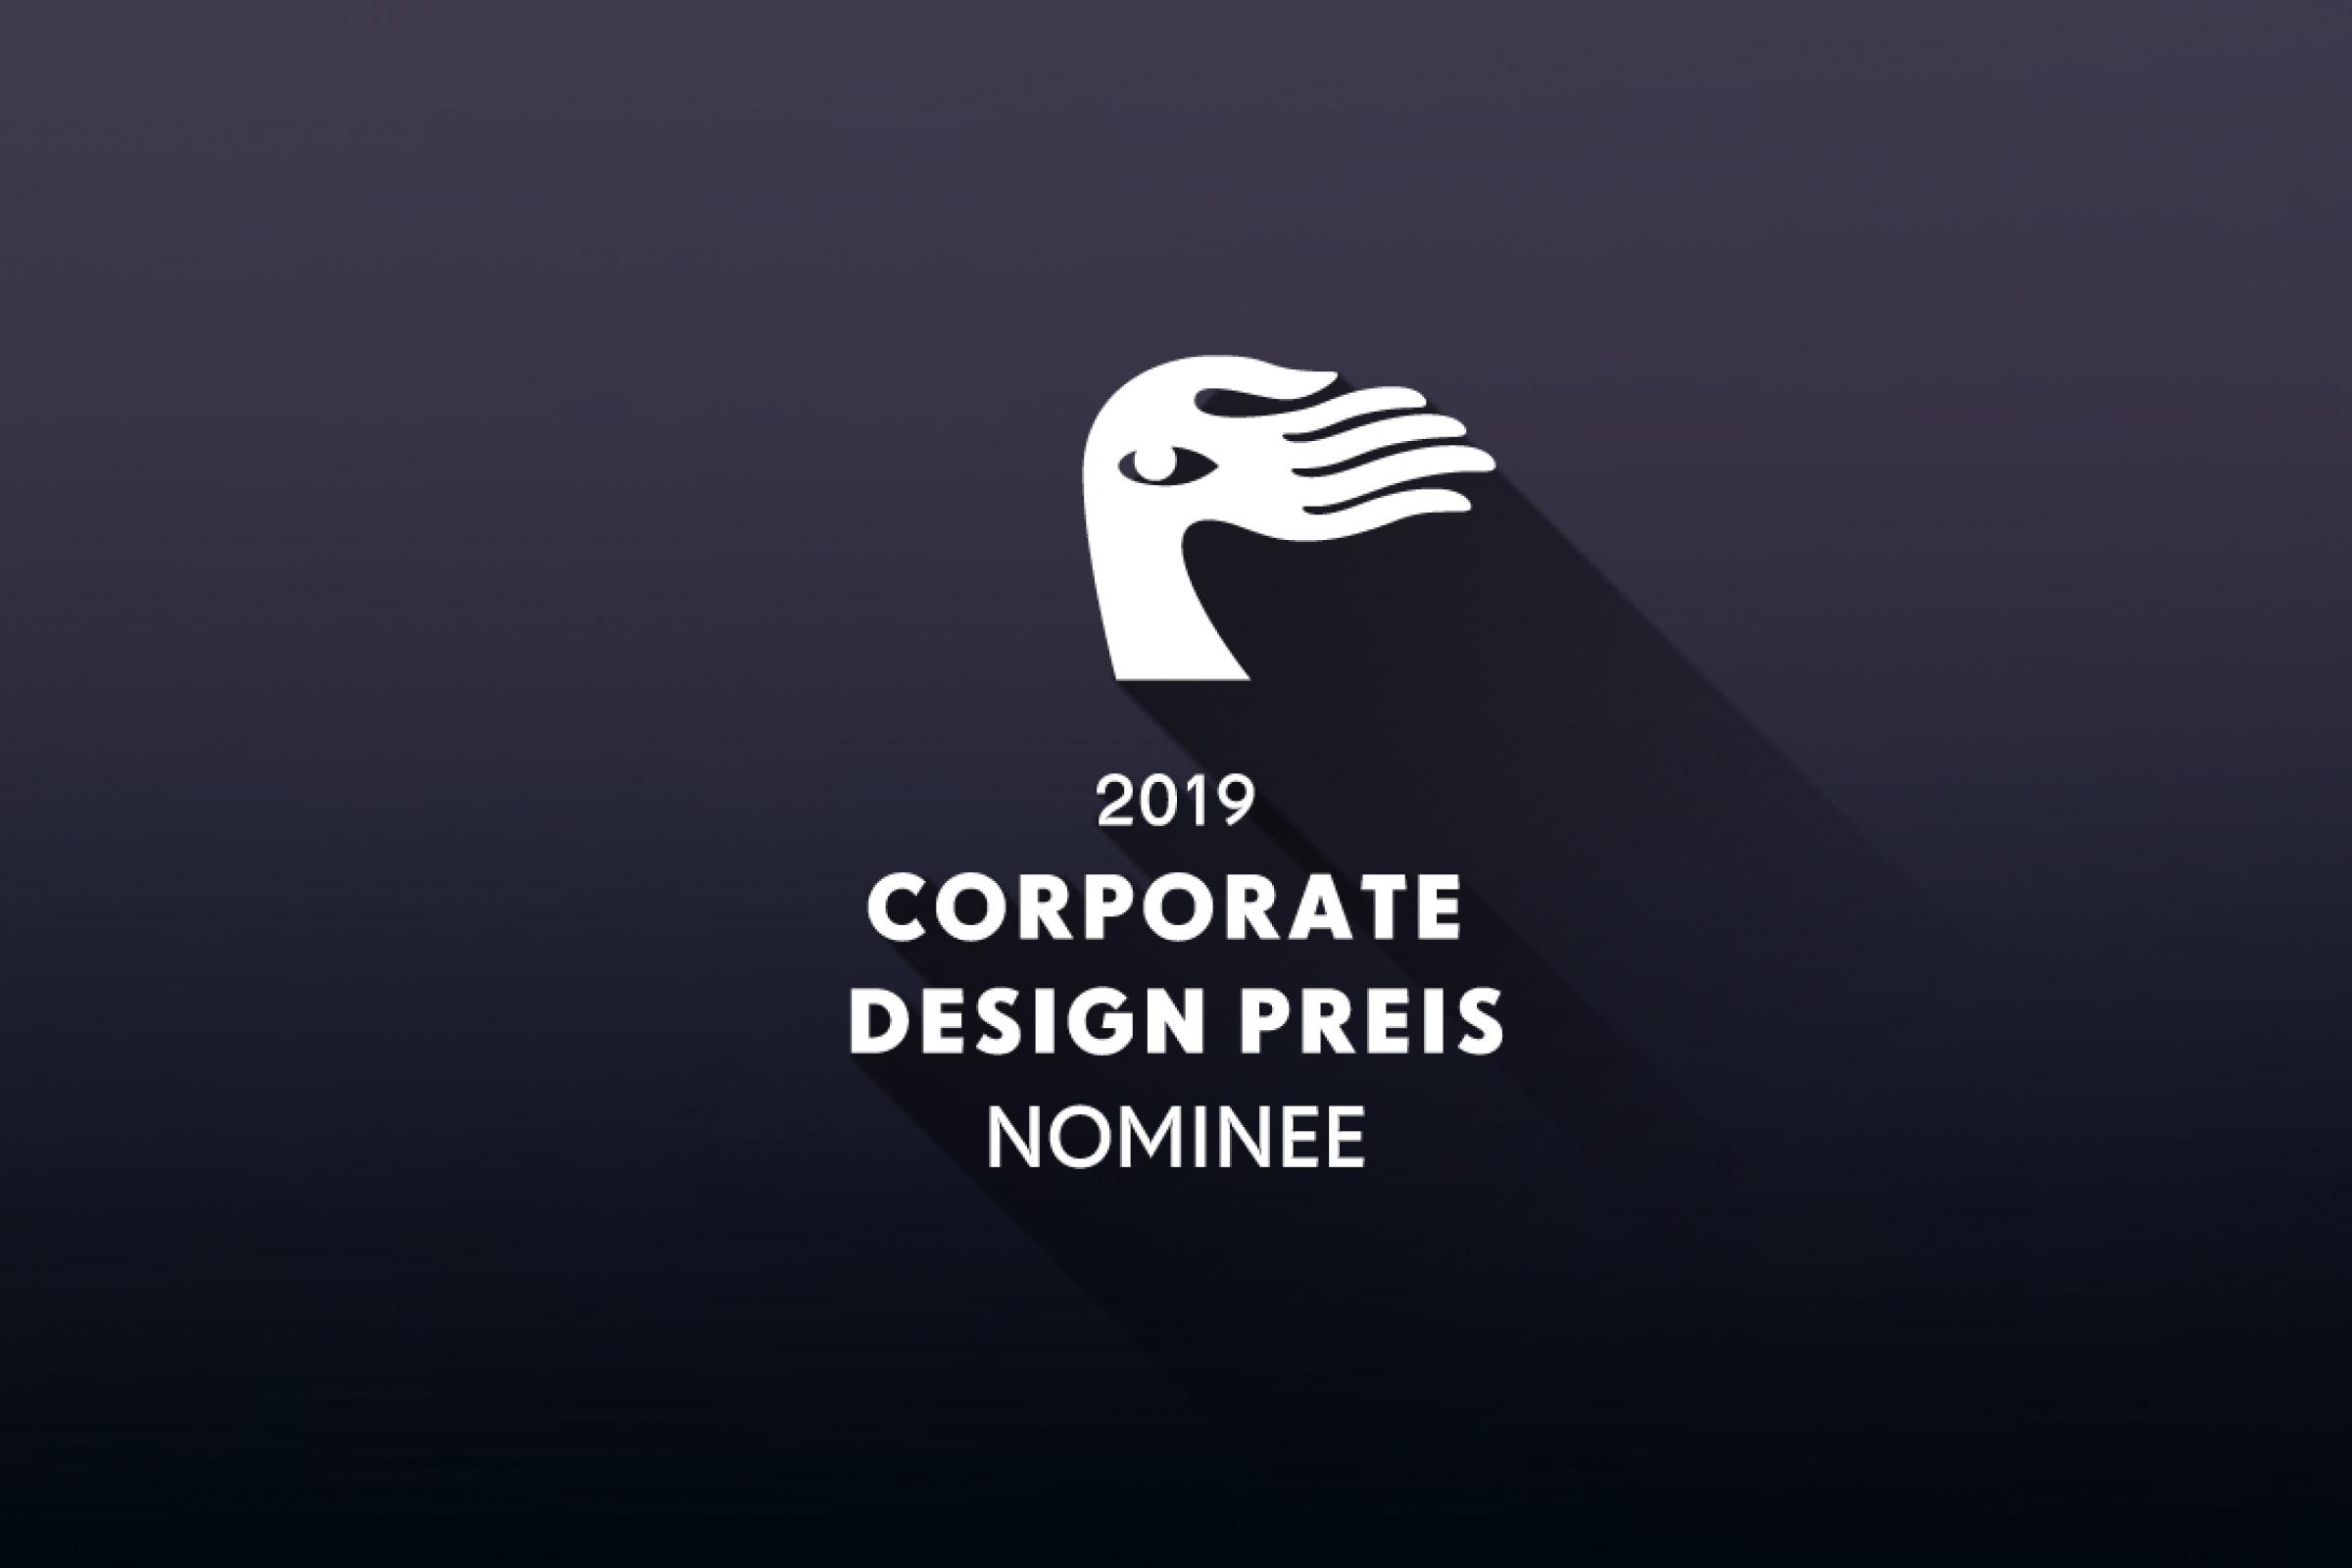 Corporate Design Preis 2019 Nominee